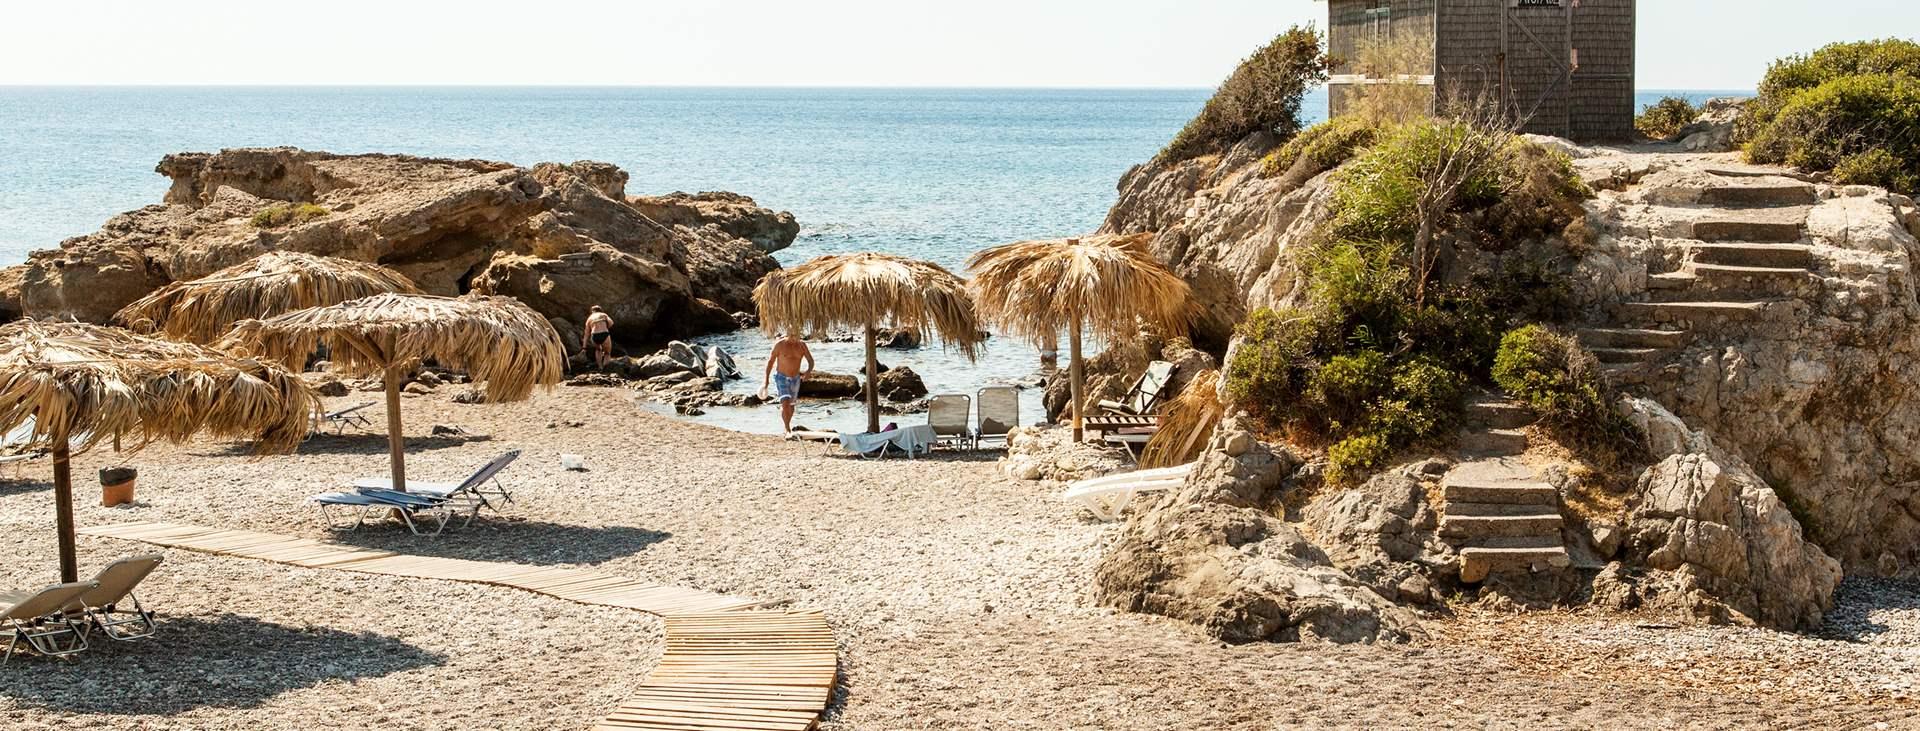 Boka din resa till Rhodos i Grekland med Ving